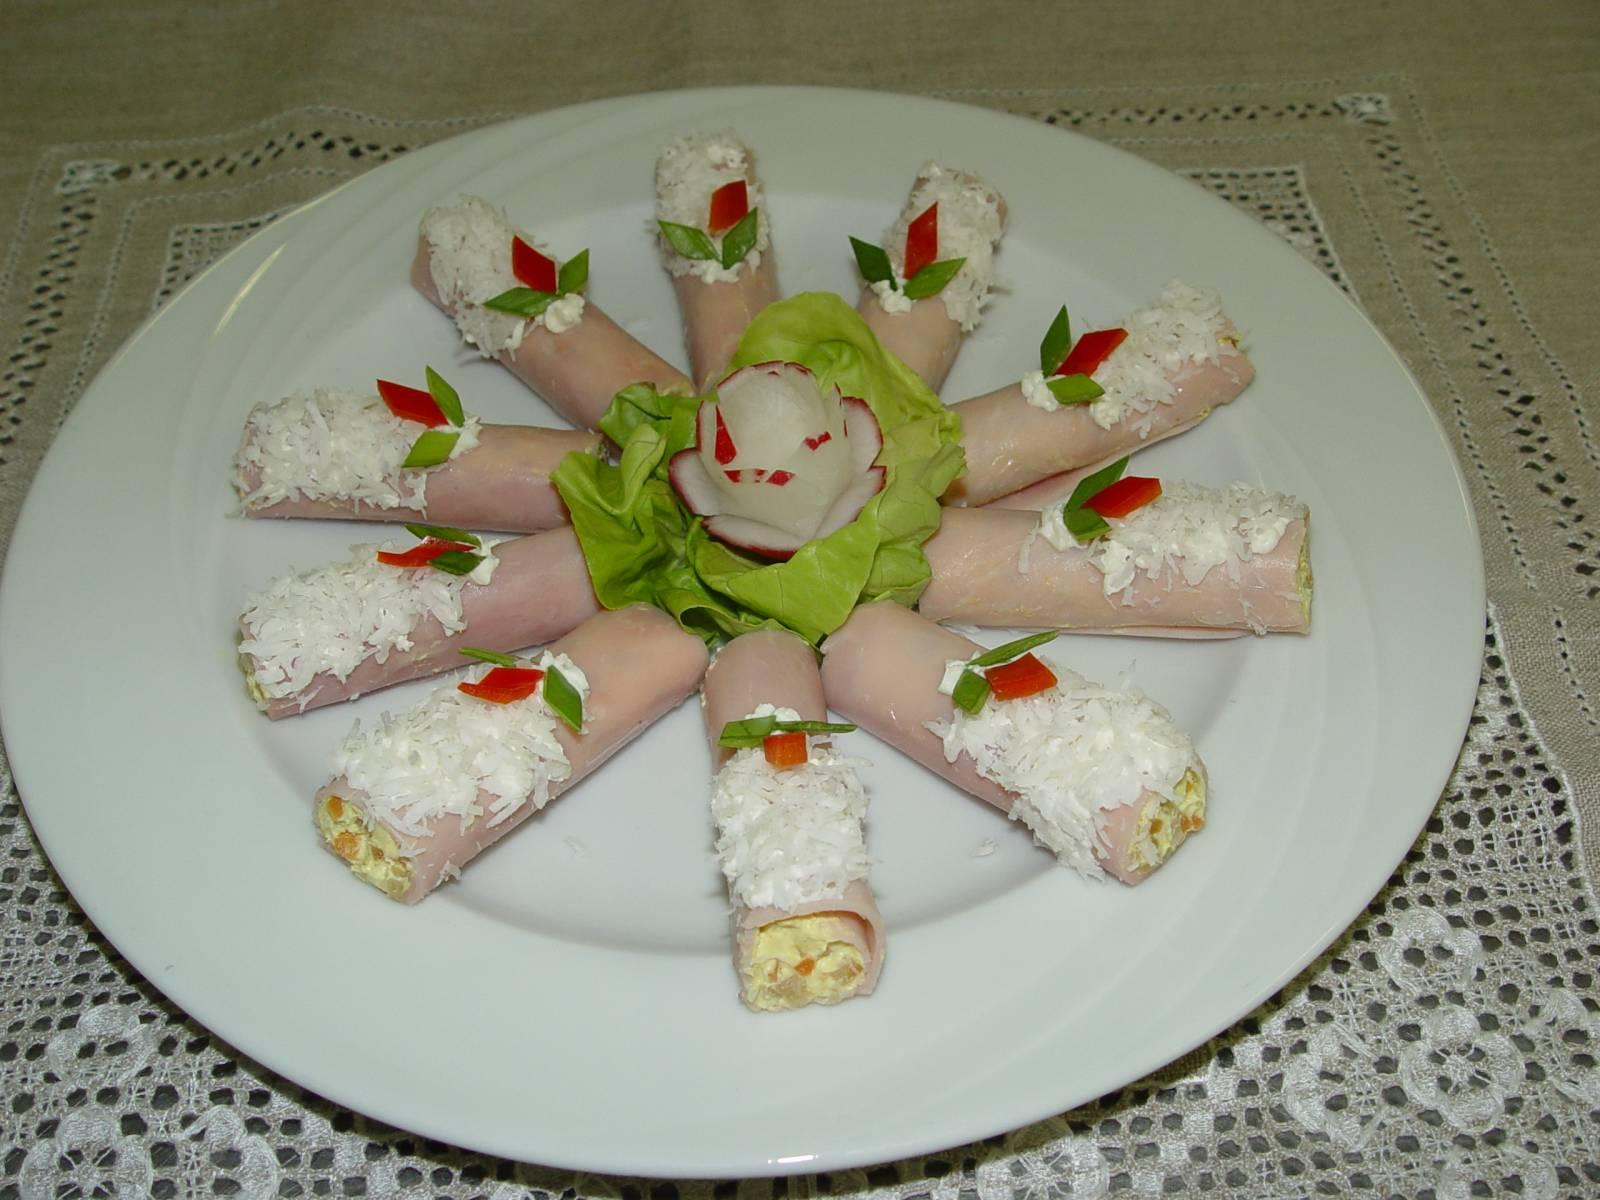 Мастер класс по украшению блюд (несложный) украшение блюд своими руками 46